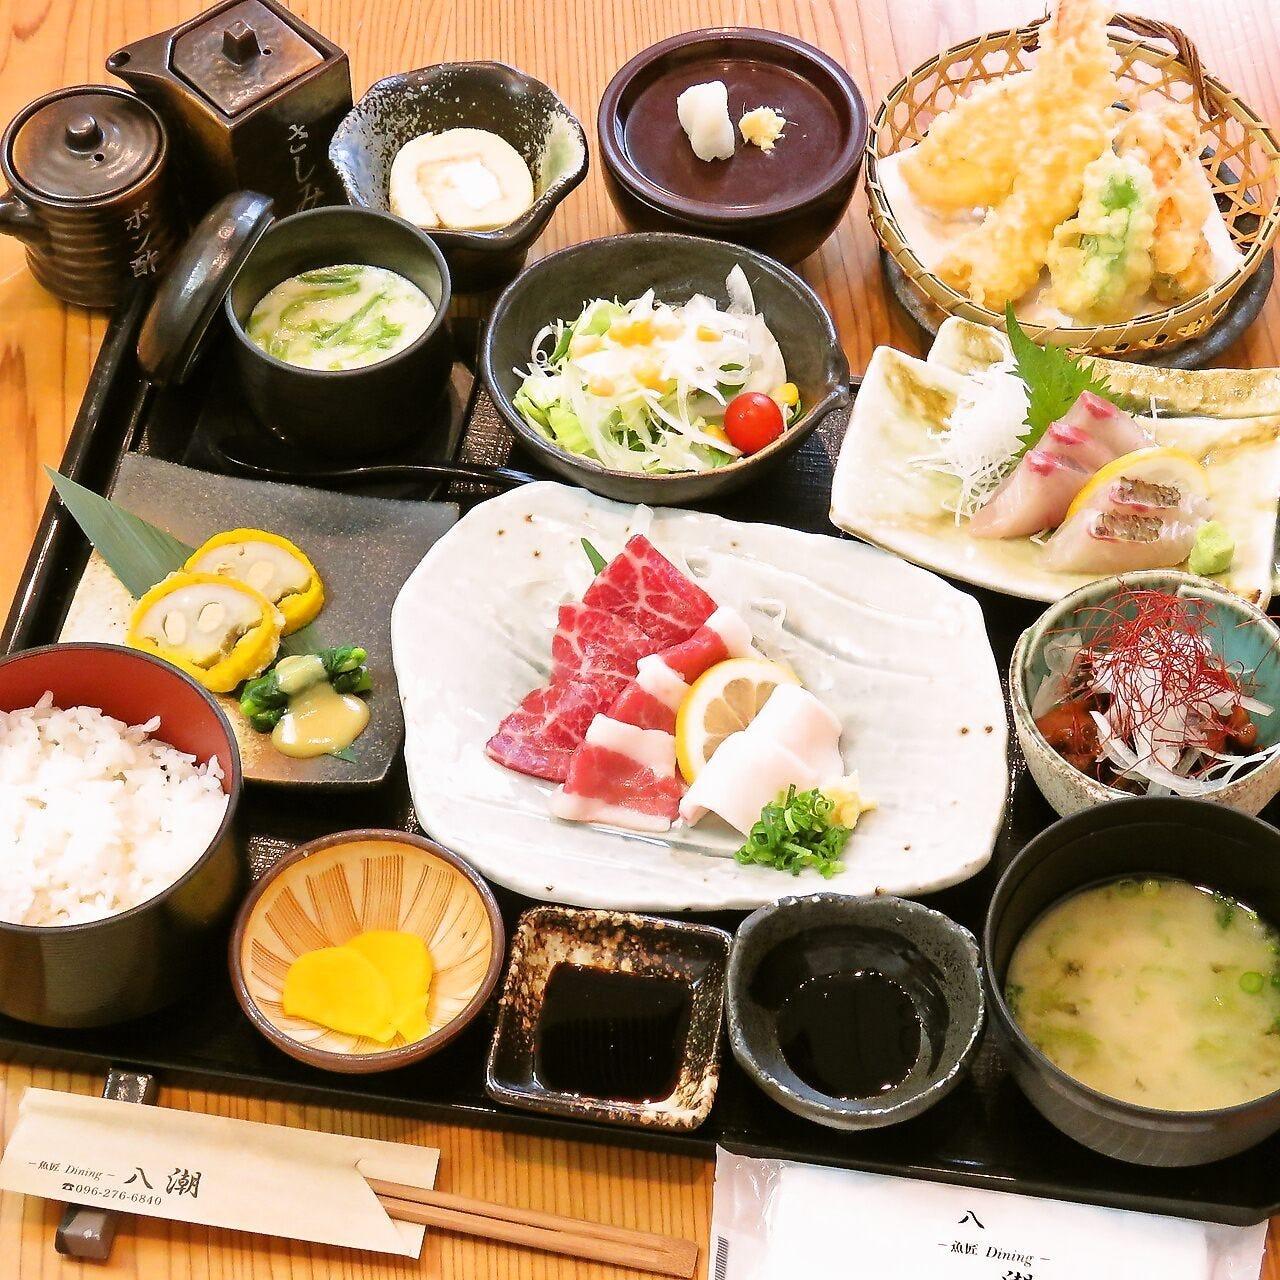 活魚問屋直営店ならではの新鮮魚介と熊本名物をランチで満喫